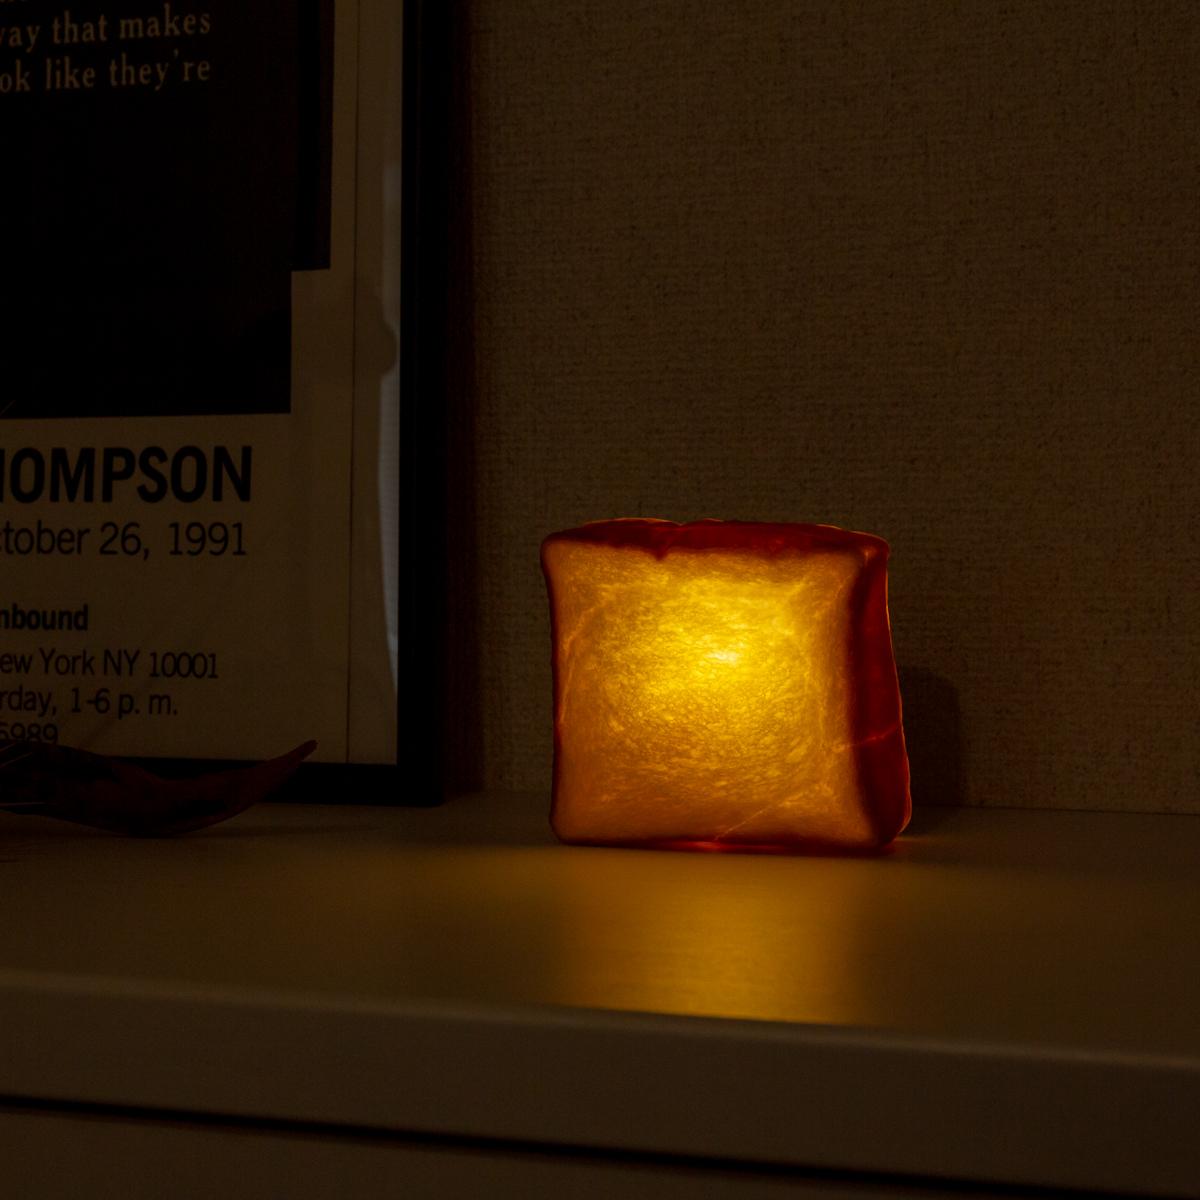 玄関|本物のパンがそのままインテリアライトに!置くだけで明かりのオンオフができる「ライト・ランプ・間接照明」|モリタ製パン所「パンプシェード」